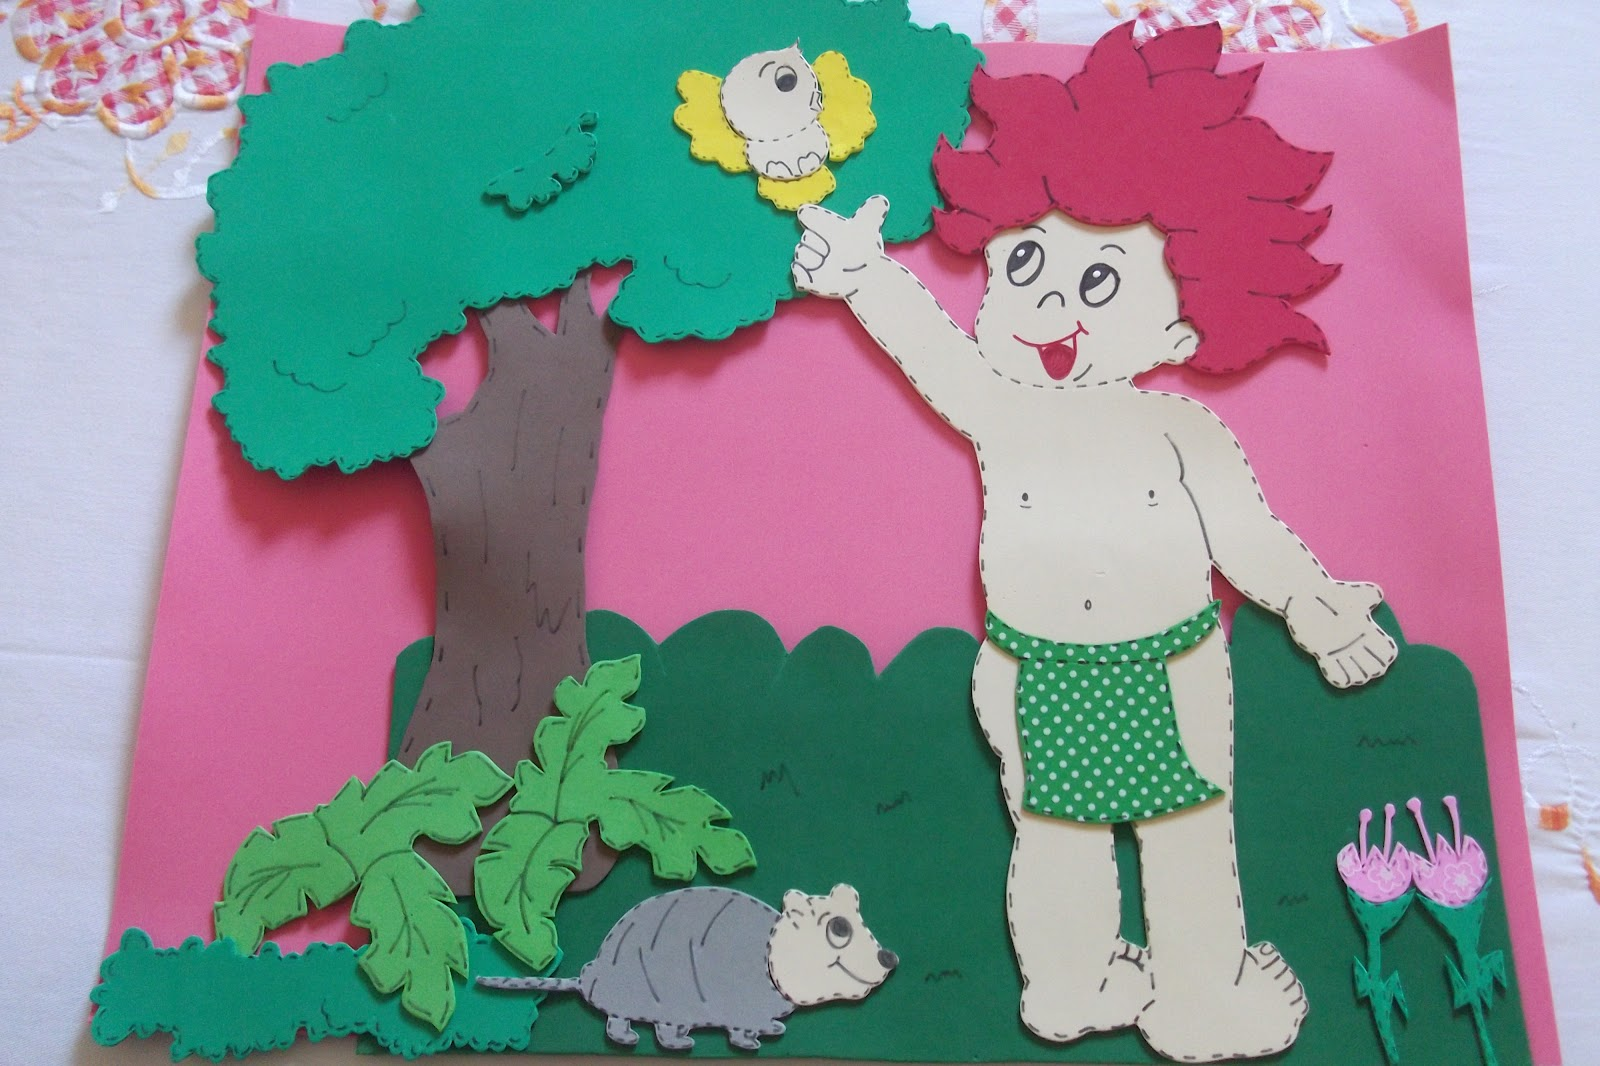 Painéis e Murais para o Dia do Folclore - Ideias, Sugestões e Moldes